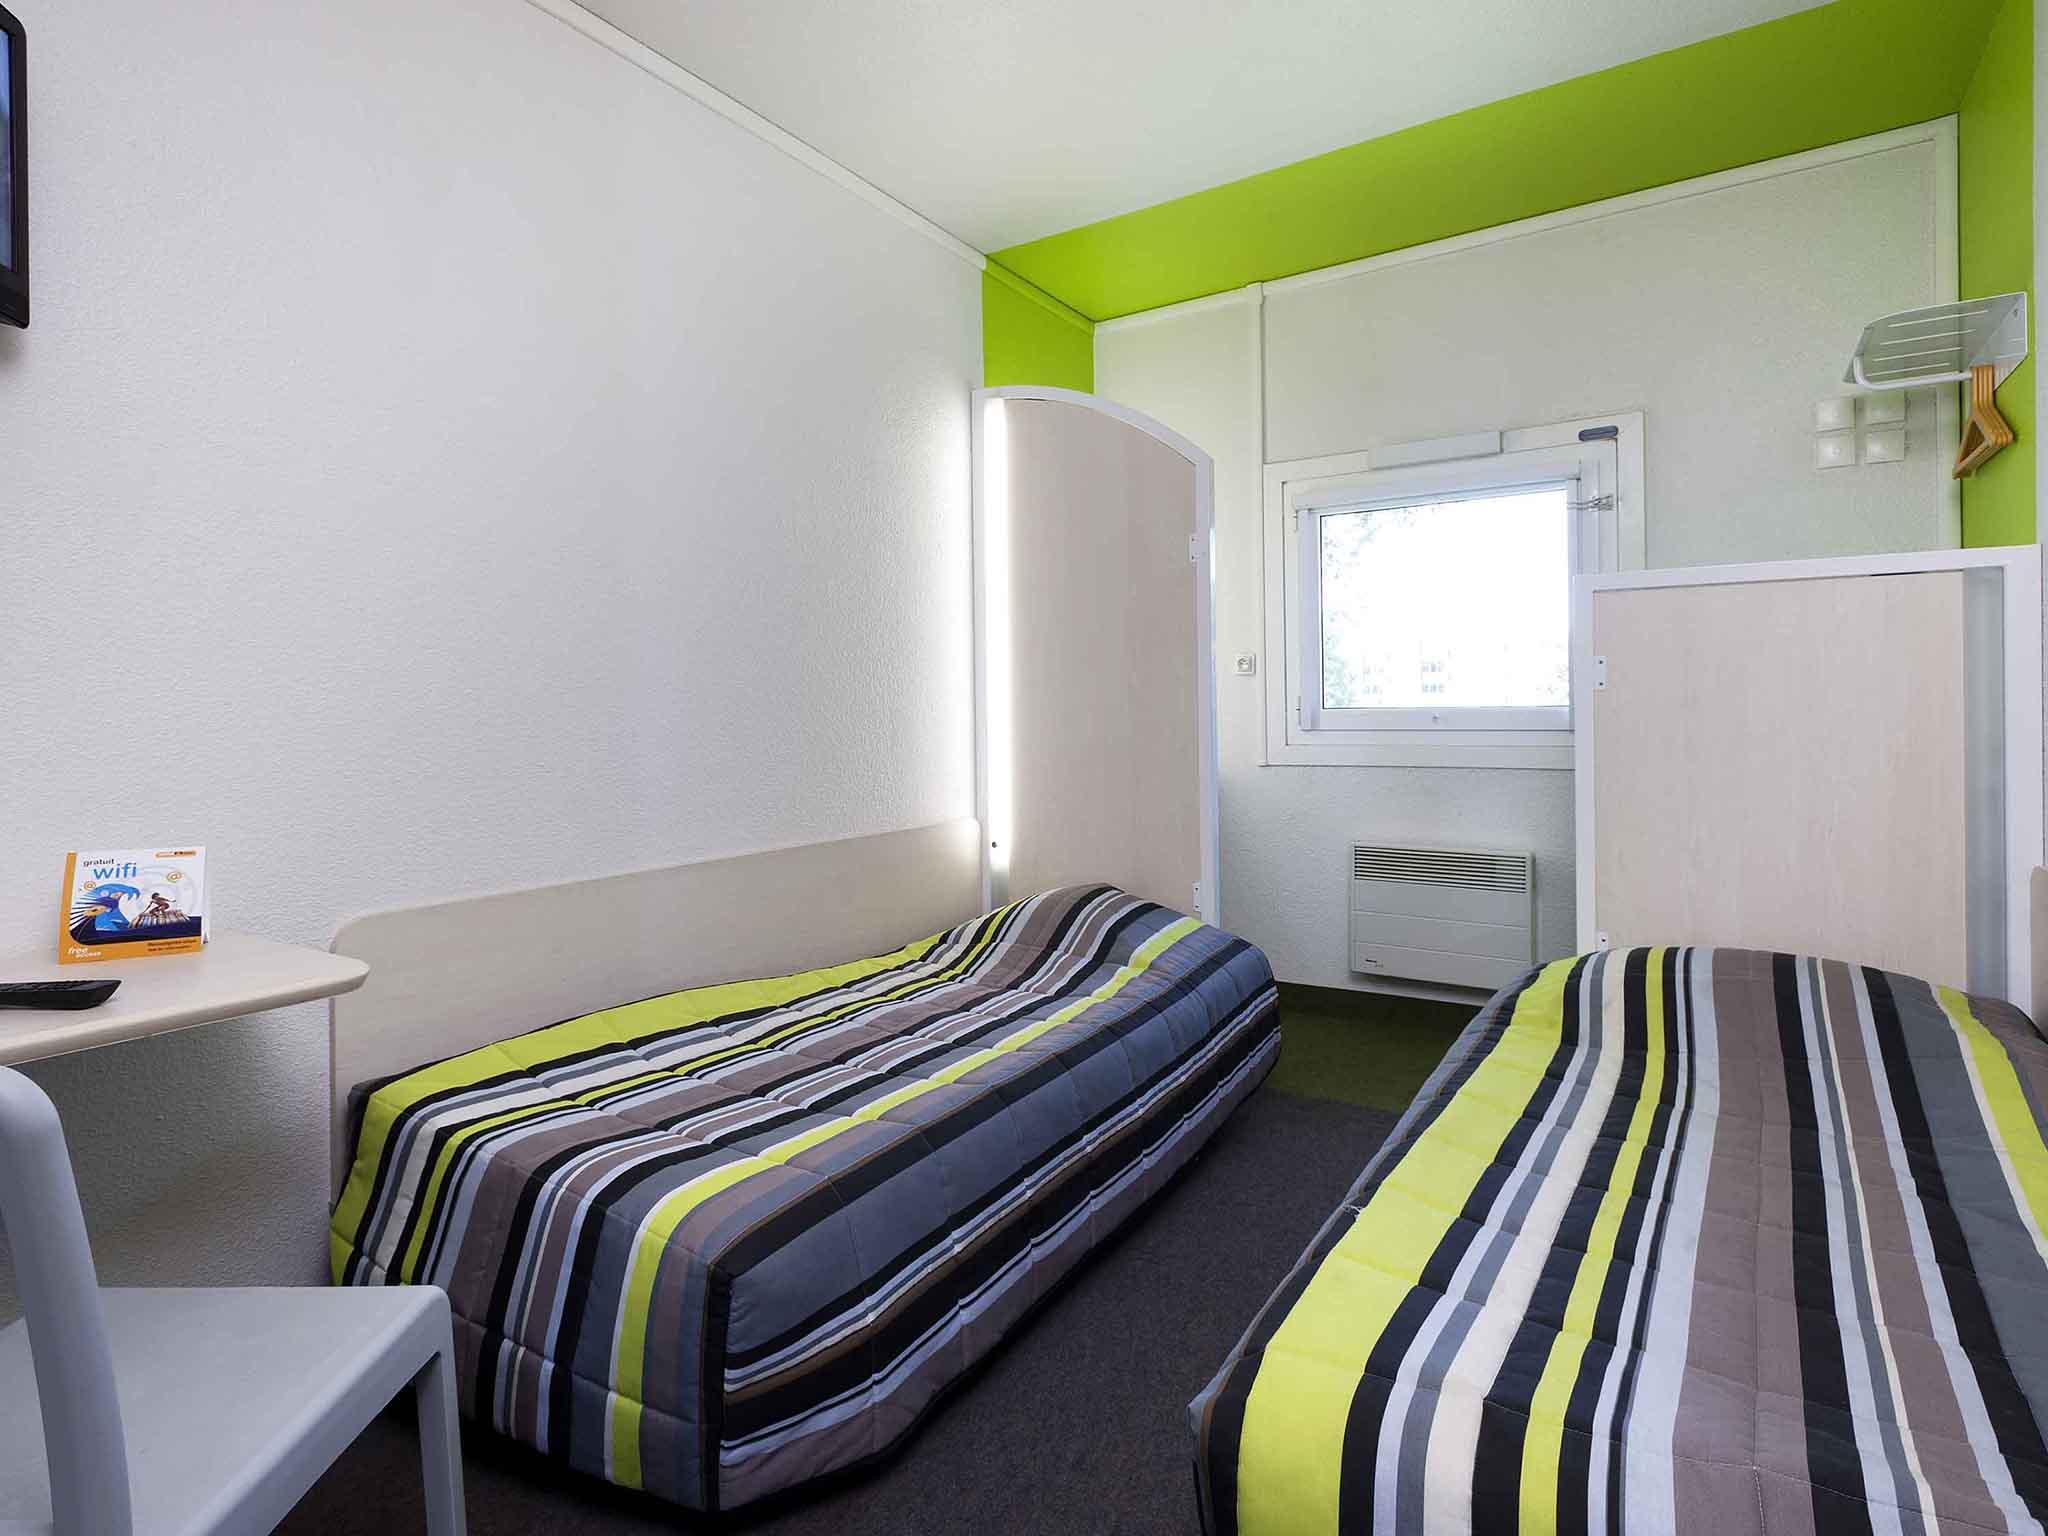 rooms hotelf1 salon de provence